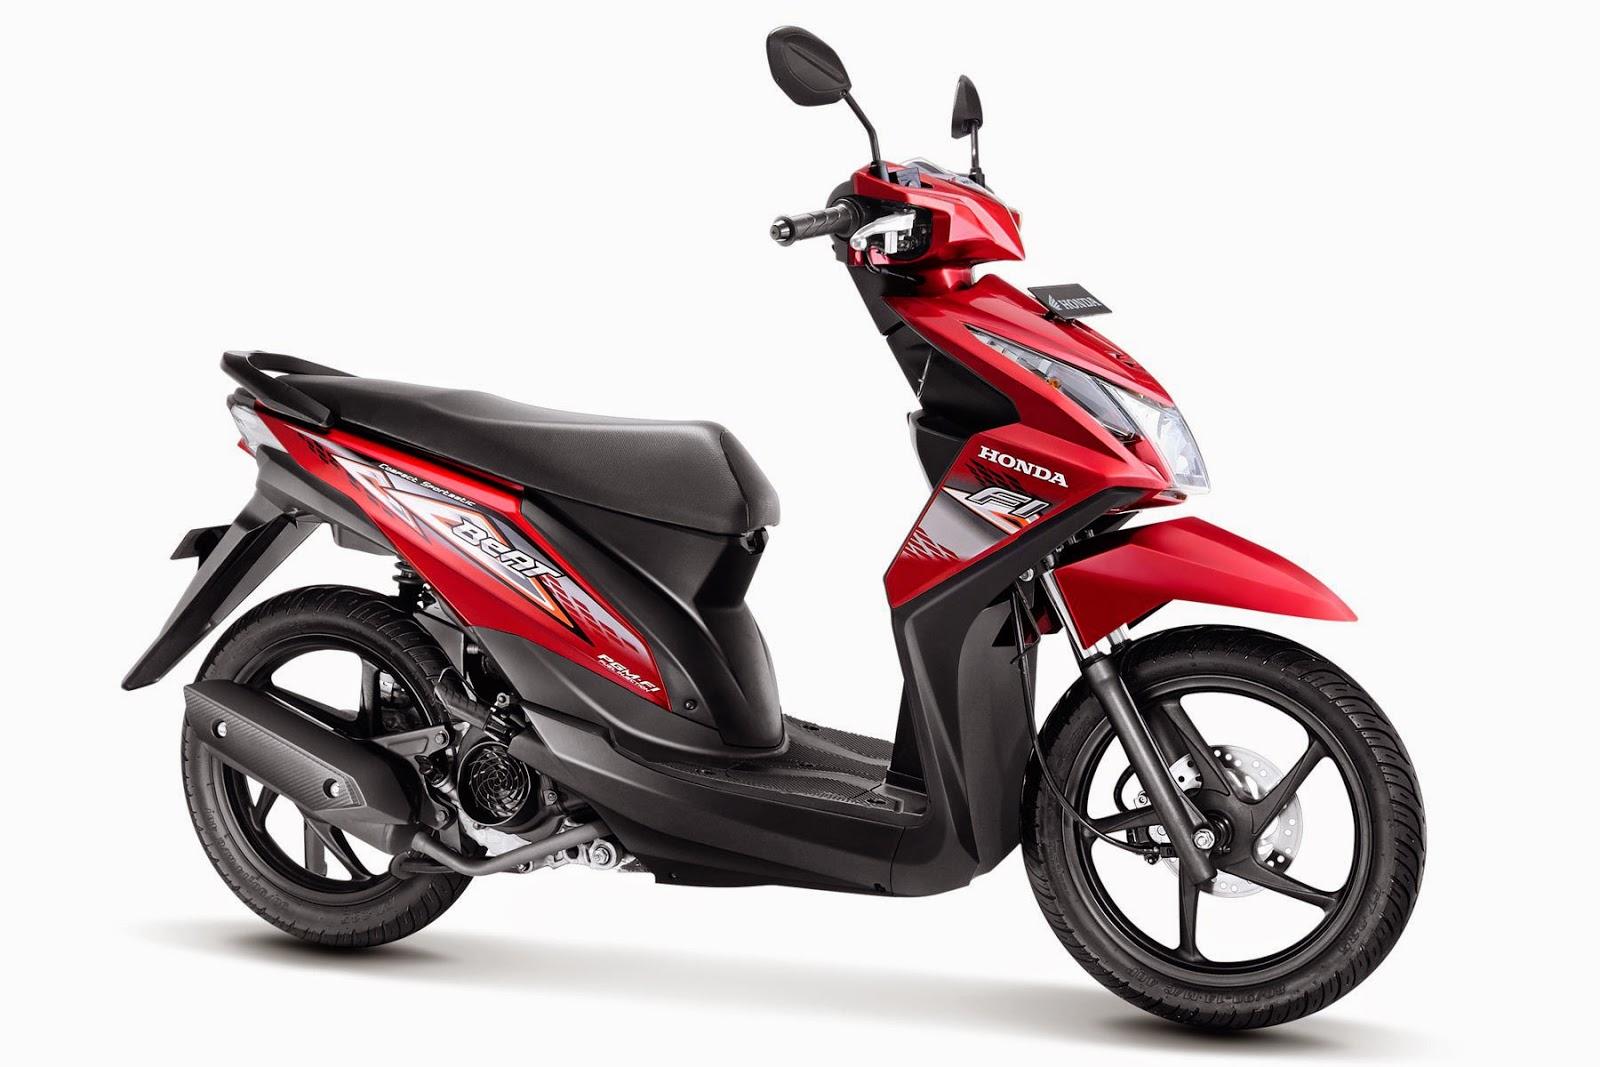 Harga Honda Beat Fi Terbaru Spesifikasi Kelebihan Dan